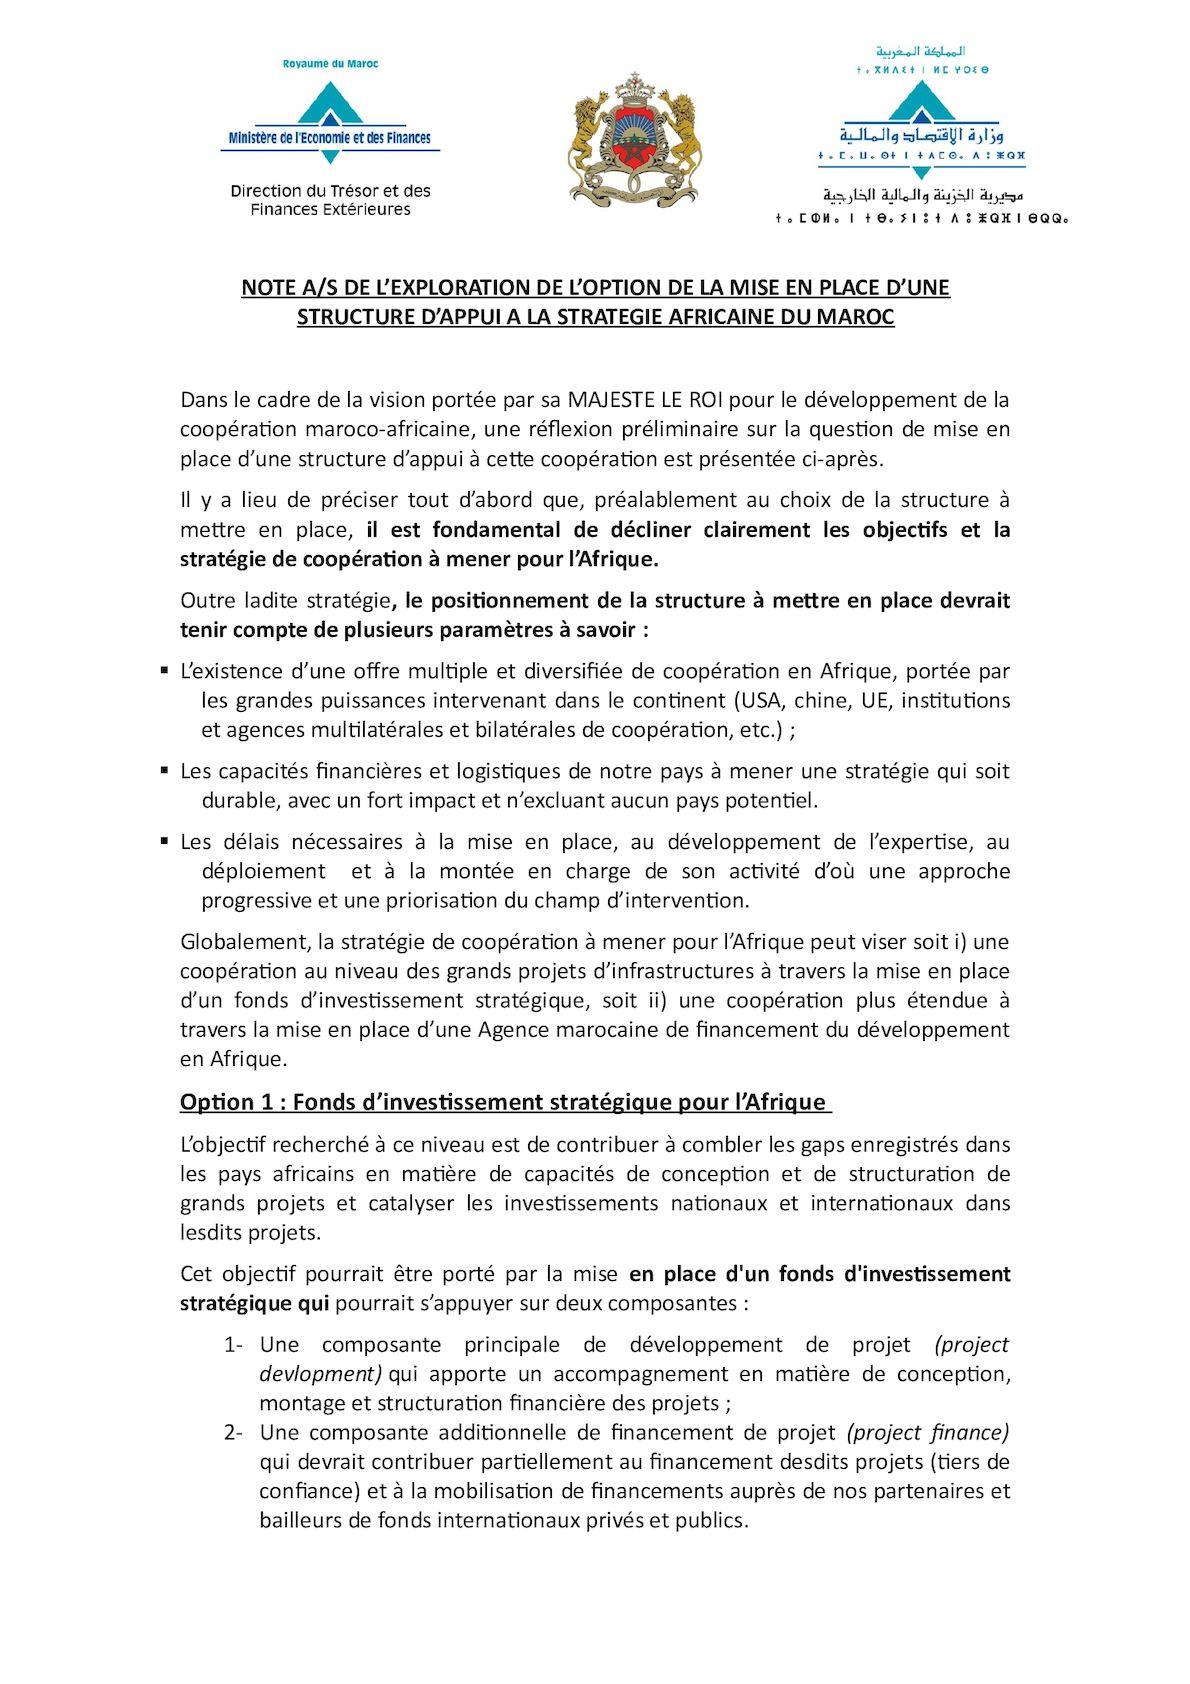 Note Structure D'appui Stratégie Afrique 30112016